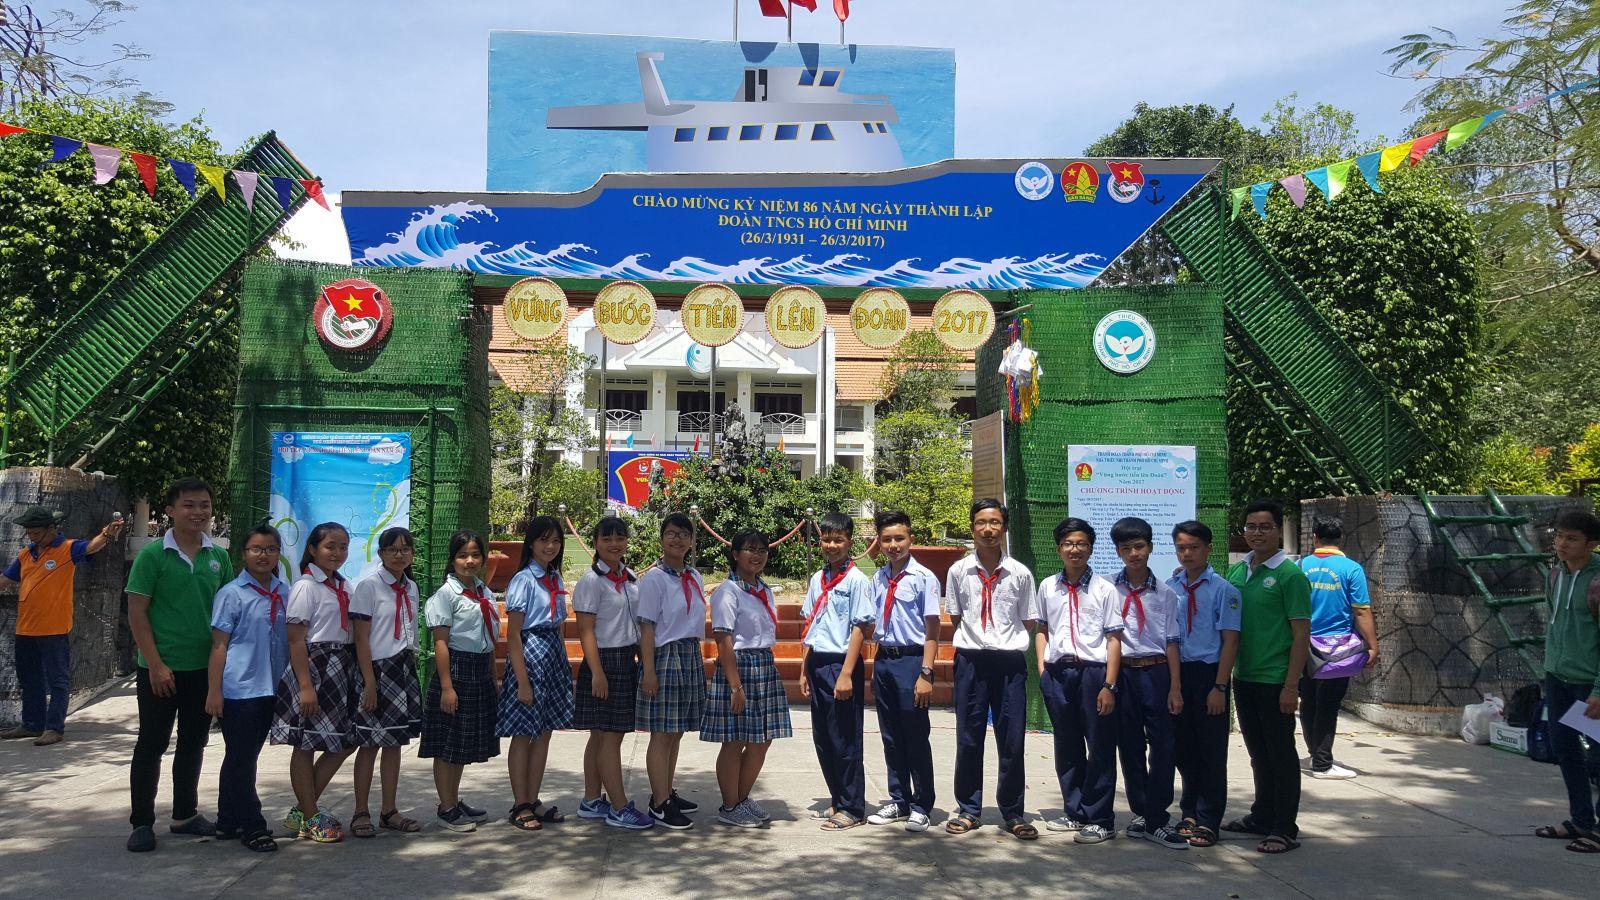 Tham gia Hội trại vững bước tiến lên Đoàn năm 2017